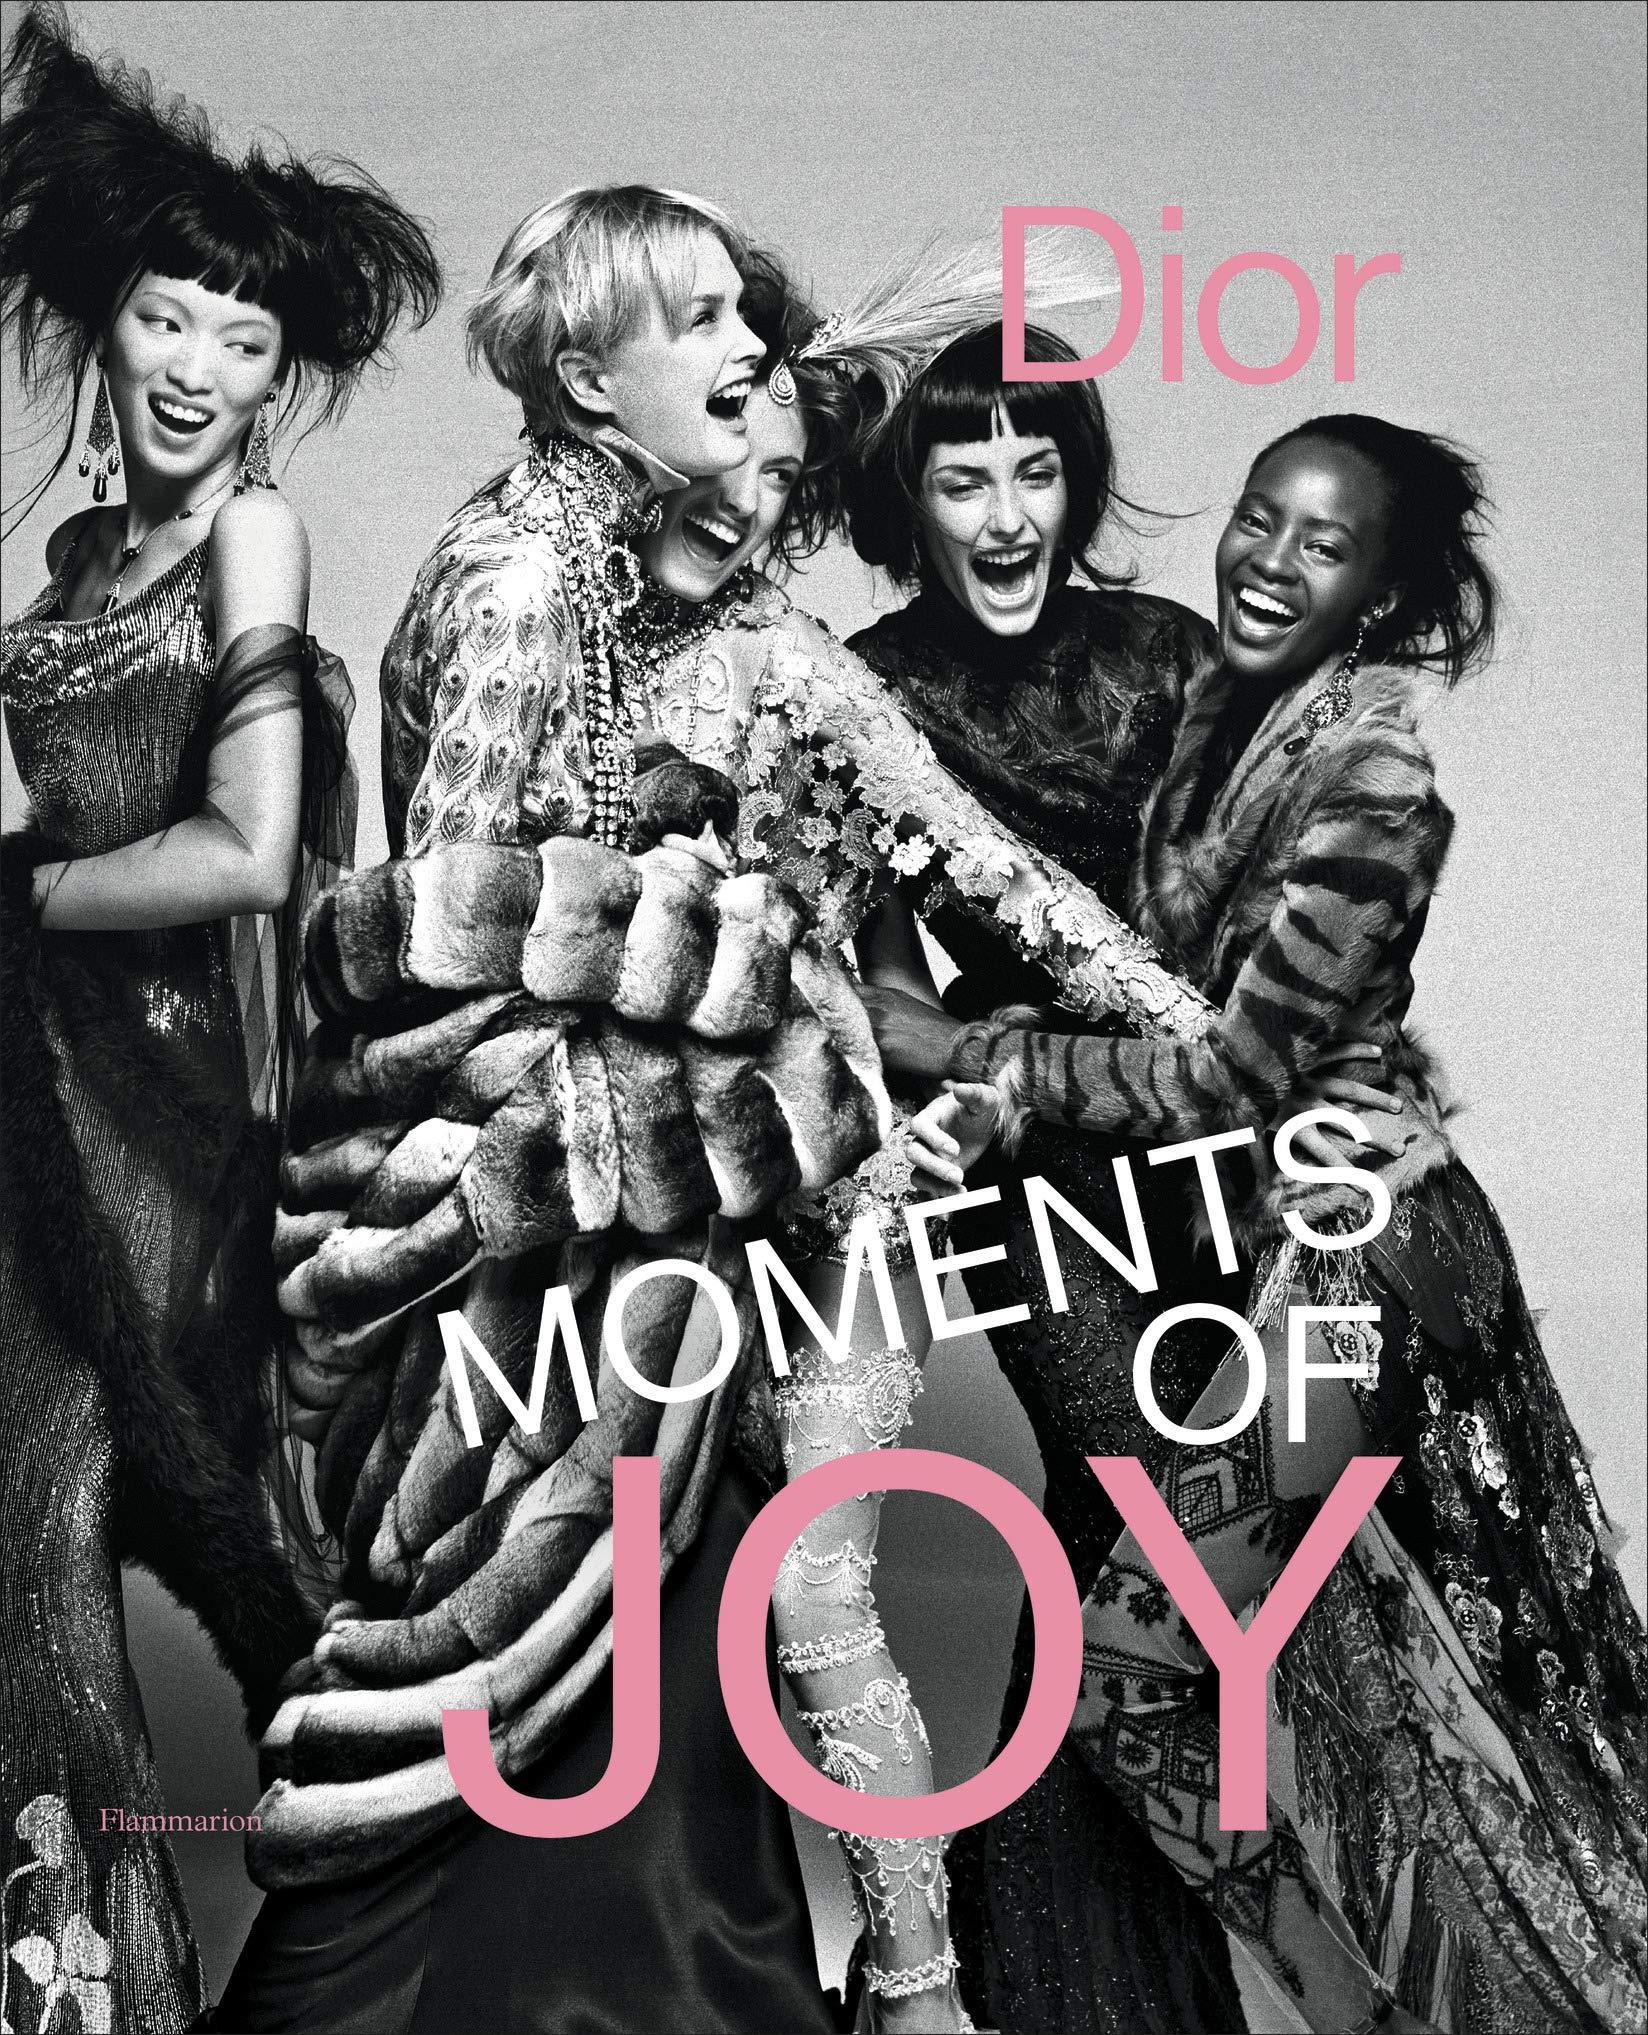 Dior - Moments of Joy